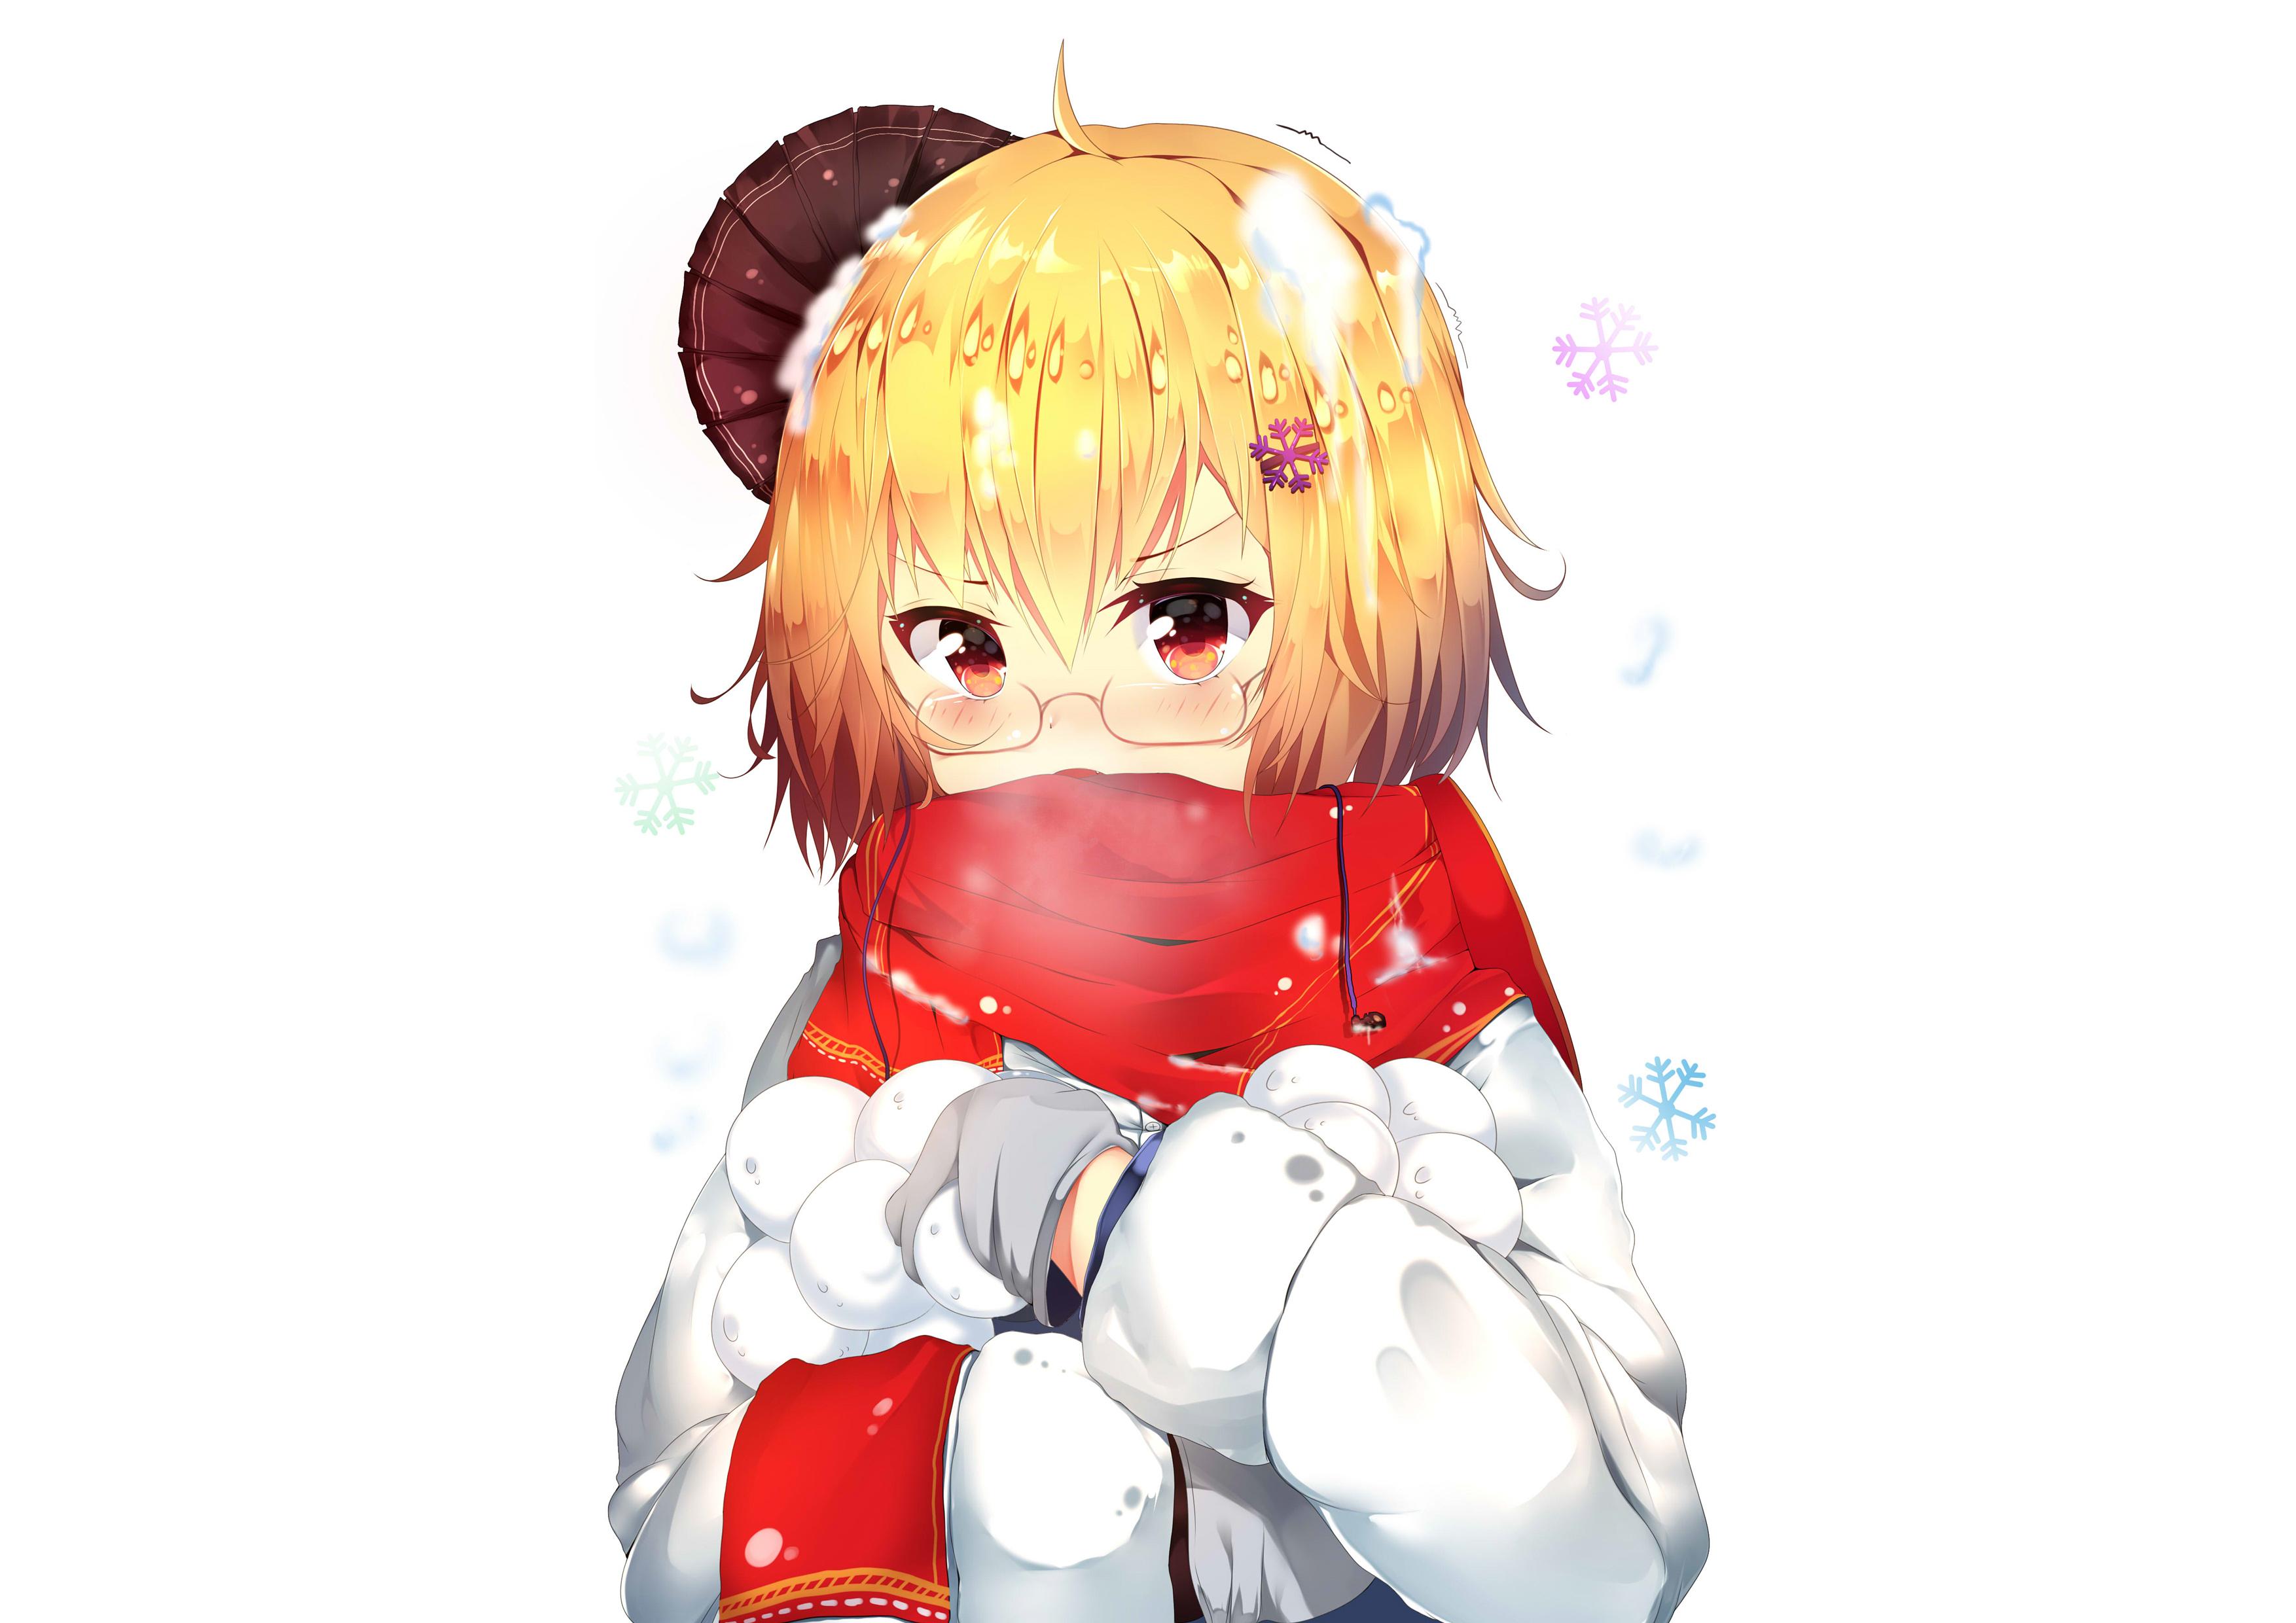 Аниме девушка со снежками в руках, хентай обои, 3508 на 2480 пикселей